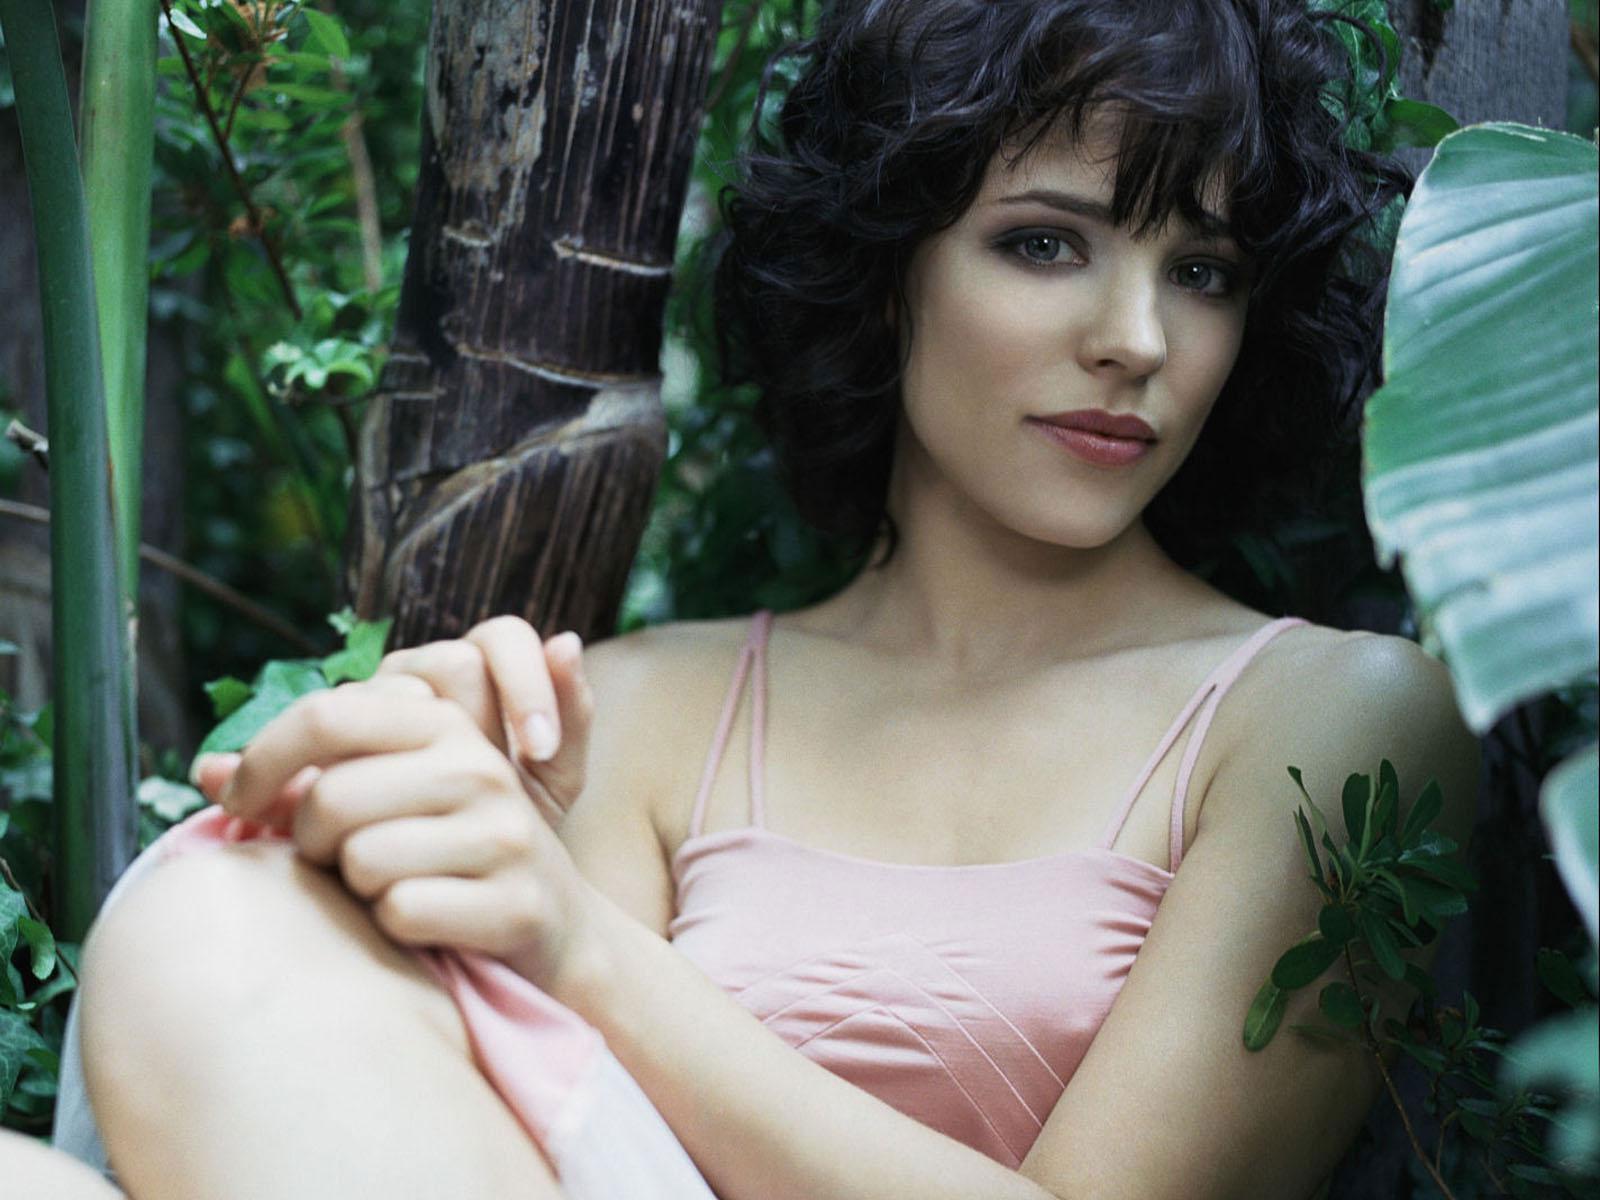 Rachel mc adams sex on the floor in the notebook scandalplan